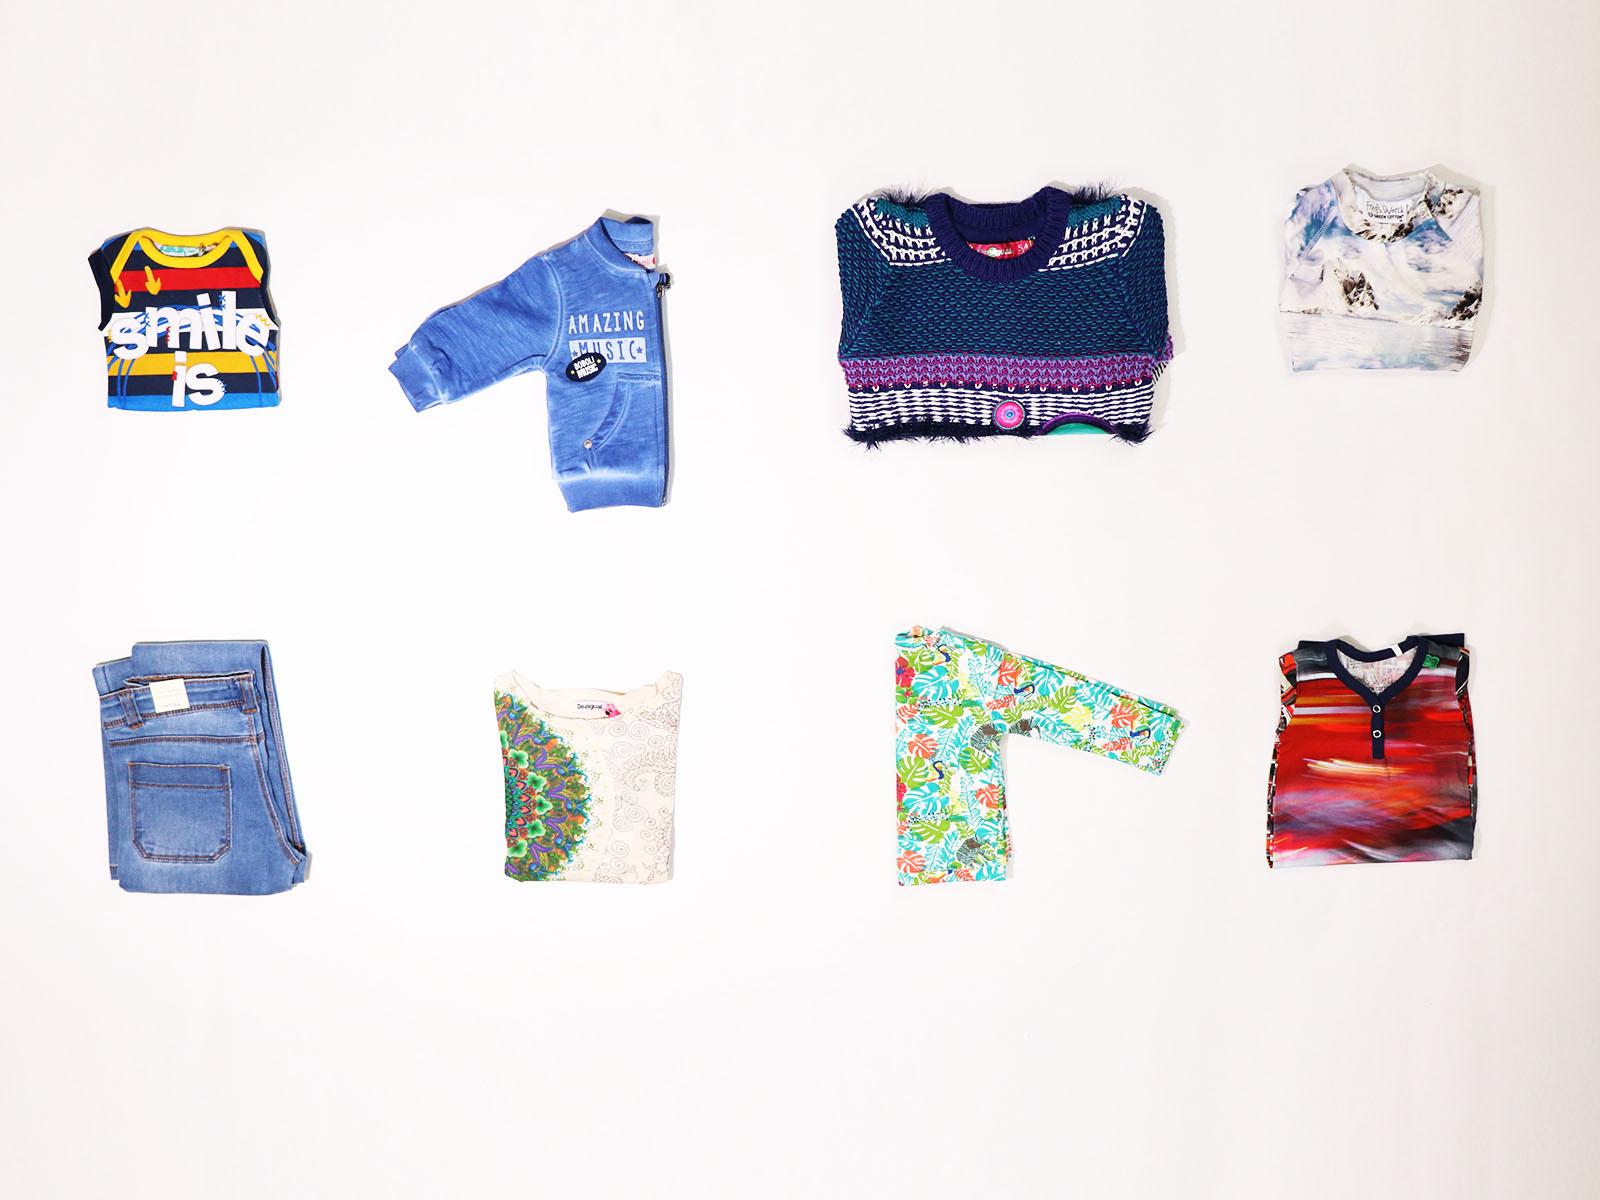 S-a lansat Colorada.ro - magazinul cu prețuri mici la produse scumpe